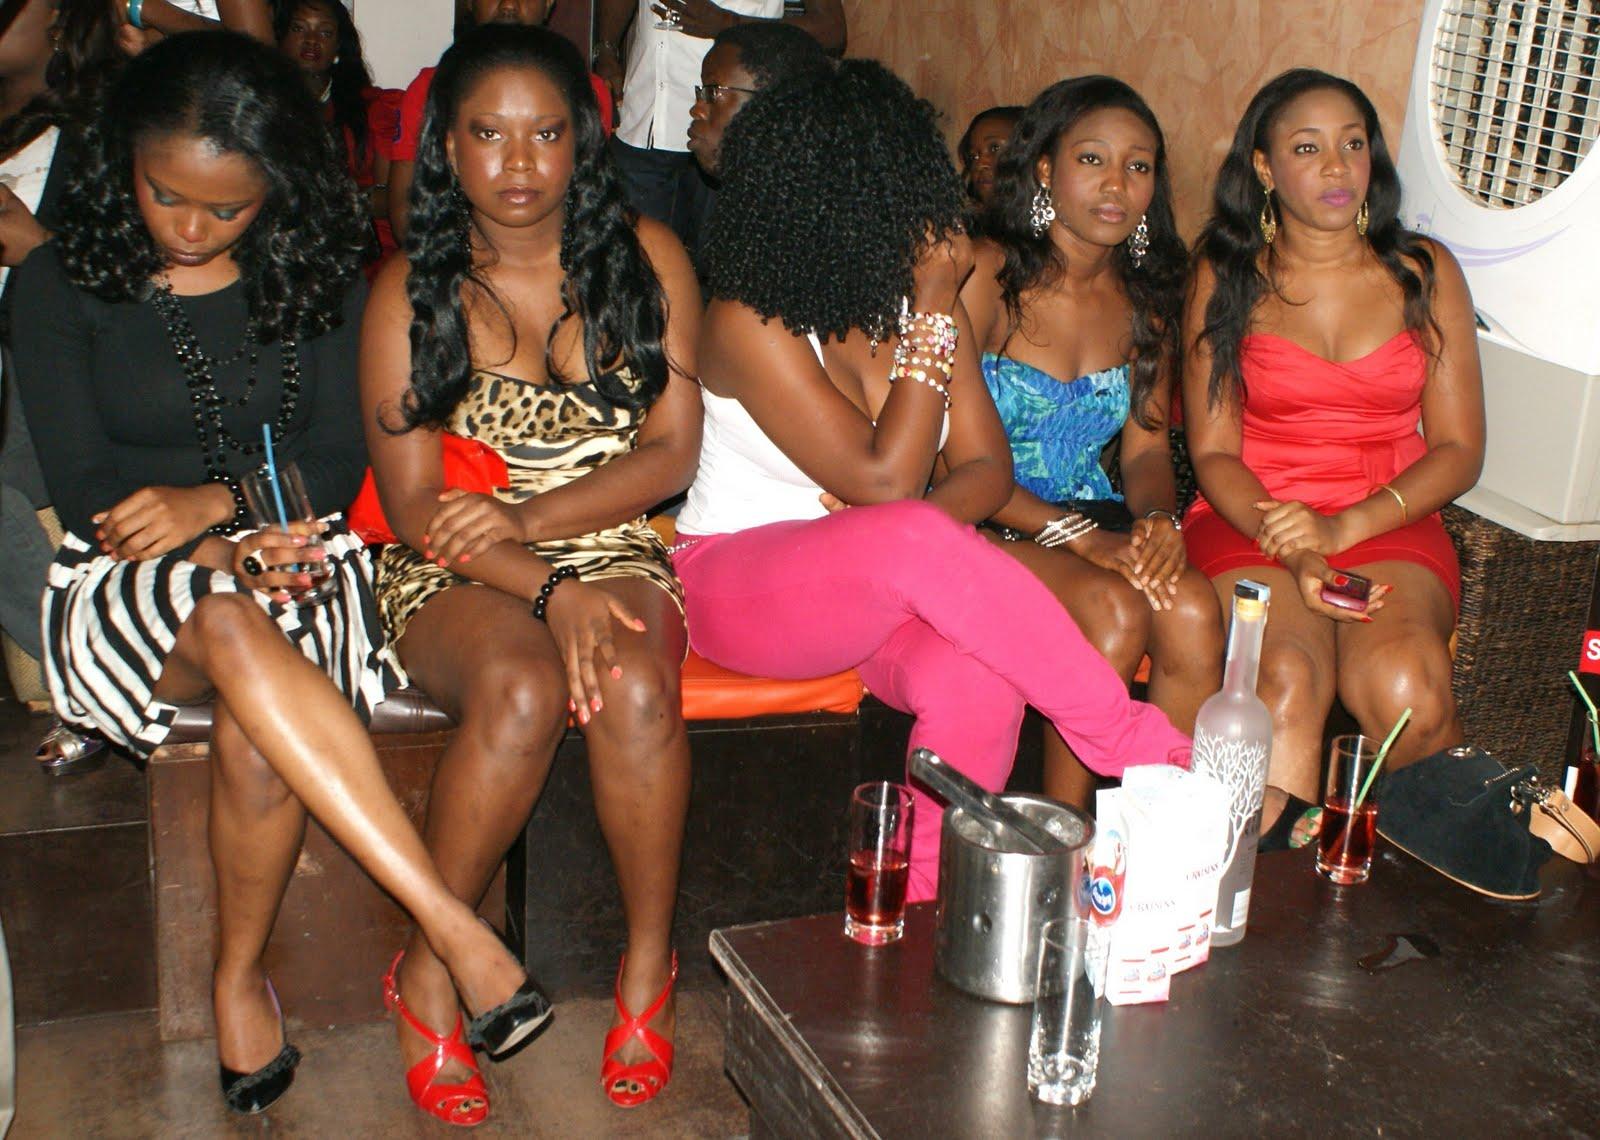 Girls in Onitsha, Nigeria